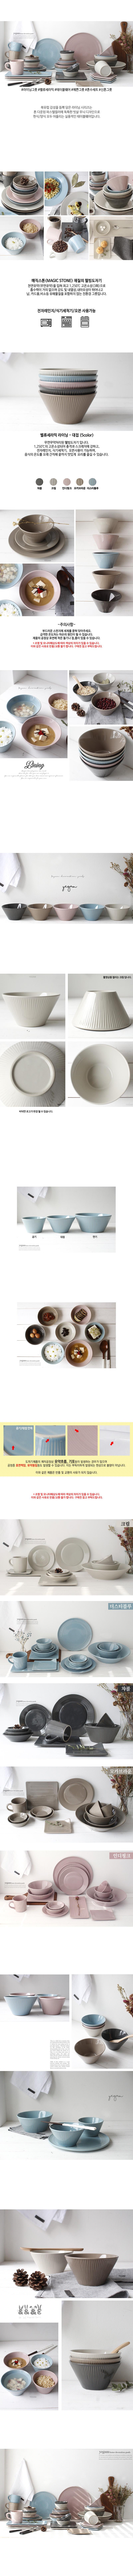 로얄애덜리 라이닝 - 대접 (5color) - 체리하우스, 6,200원, 밥공기/국공기, 국공기